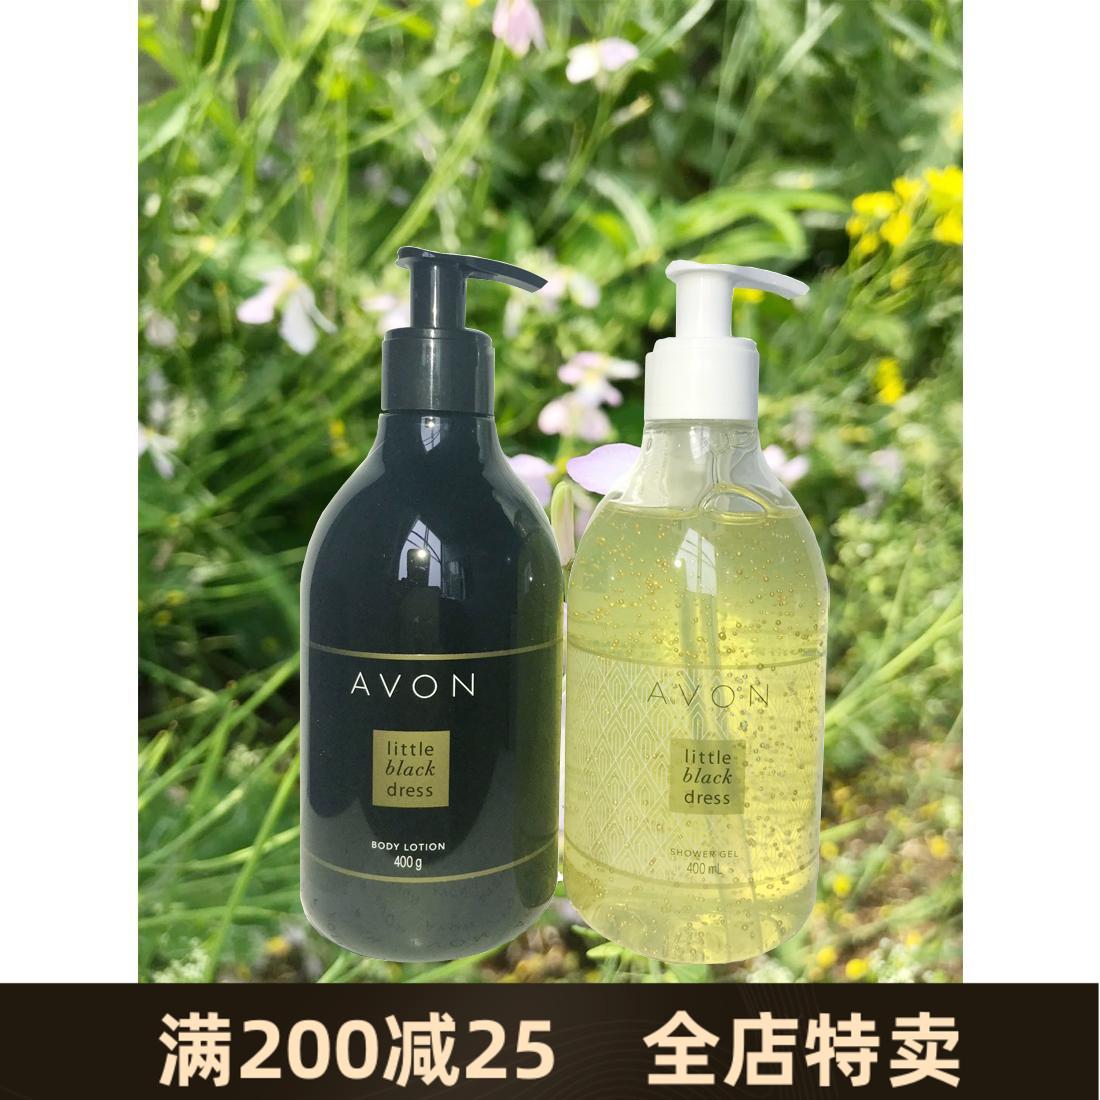 雅芳小黑裙香体乳400g+小黑裙沐浴400g 滋润保湿香水味